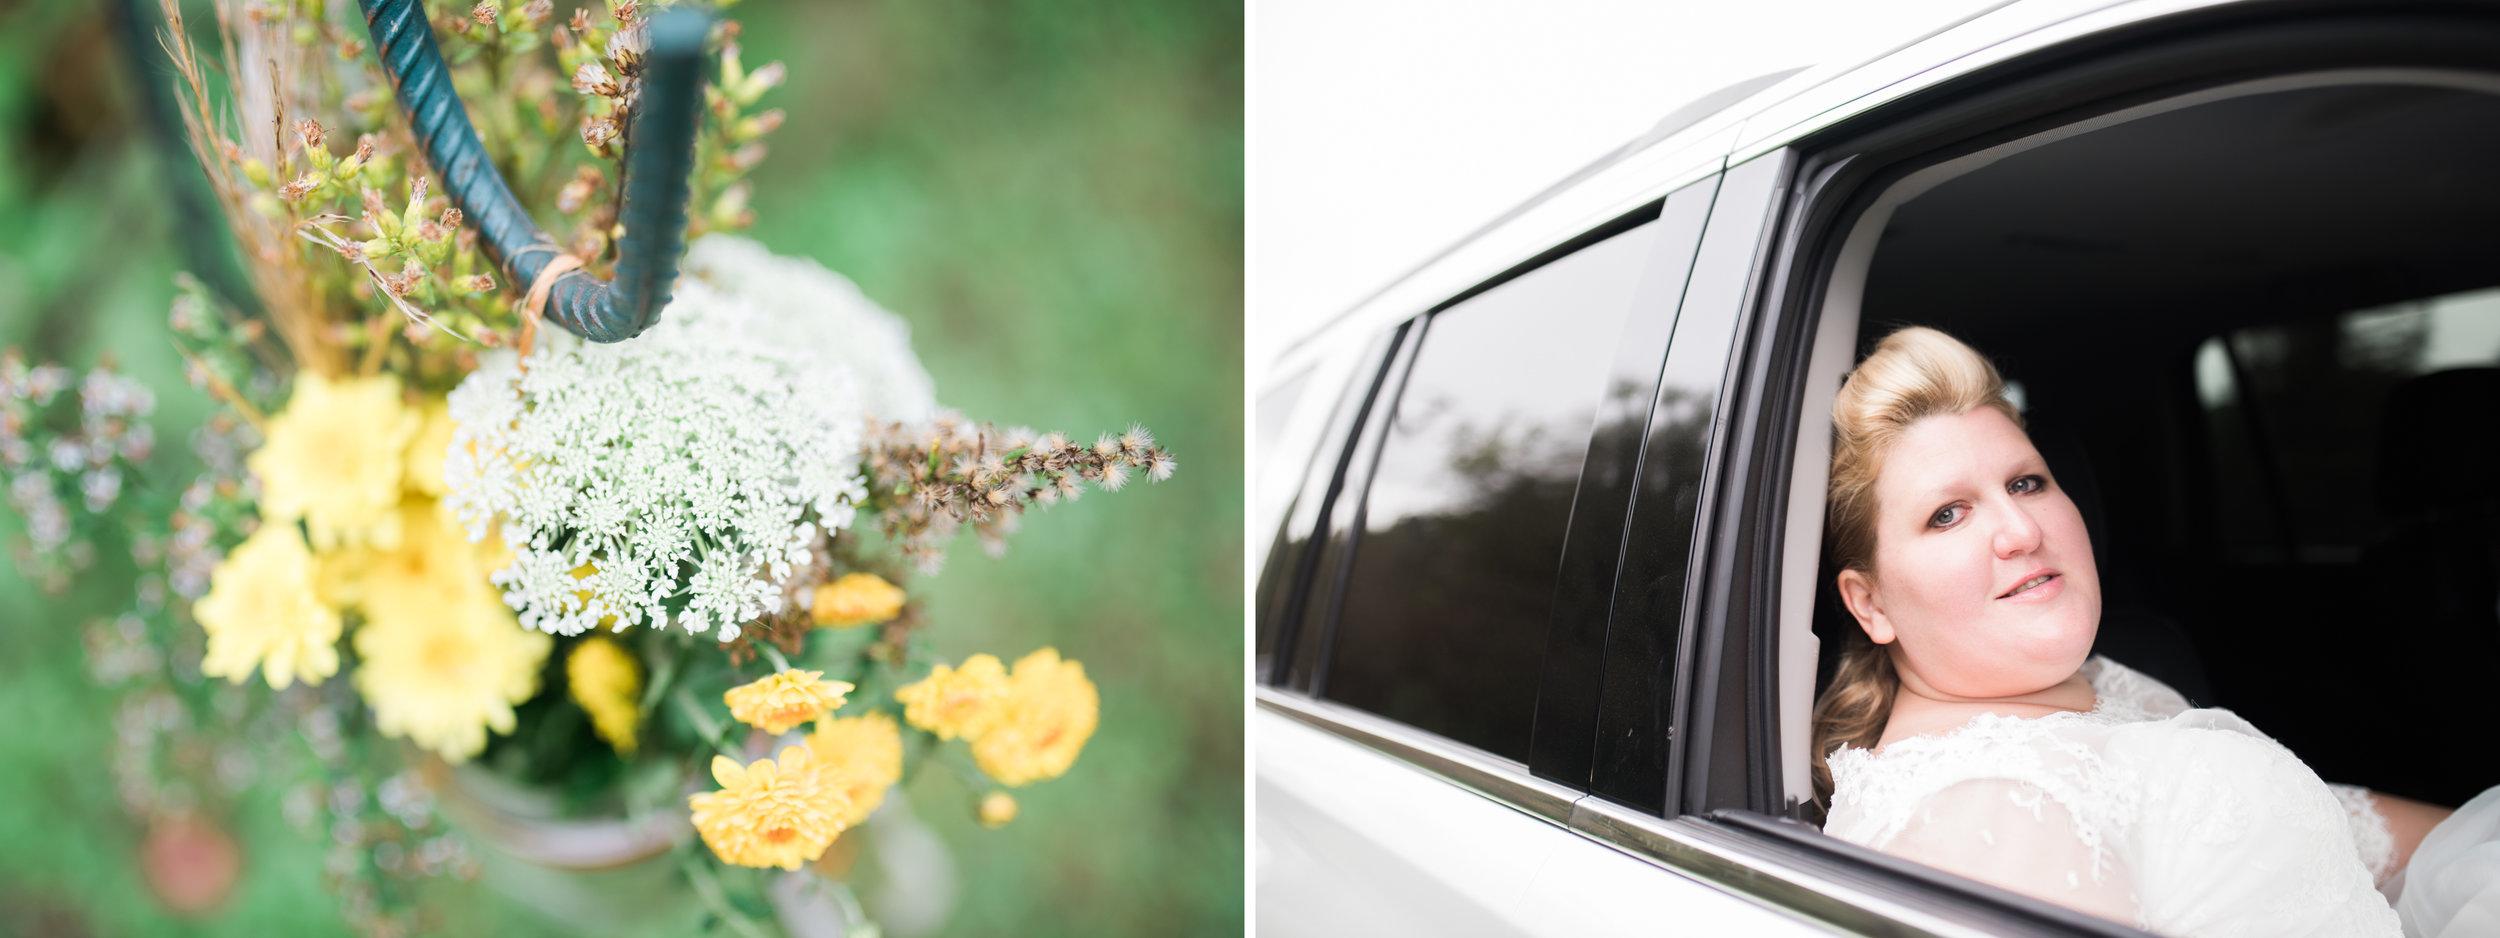 harford-county-photographer-wedding-maryland-baltimore-breanna-kuhlmann